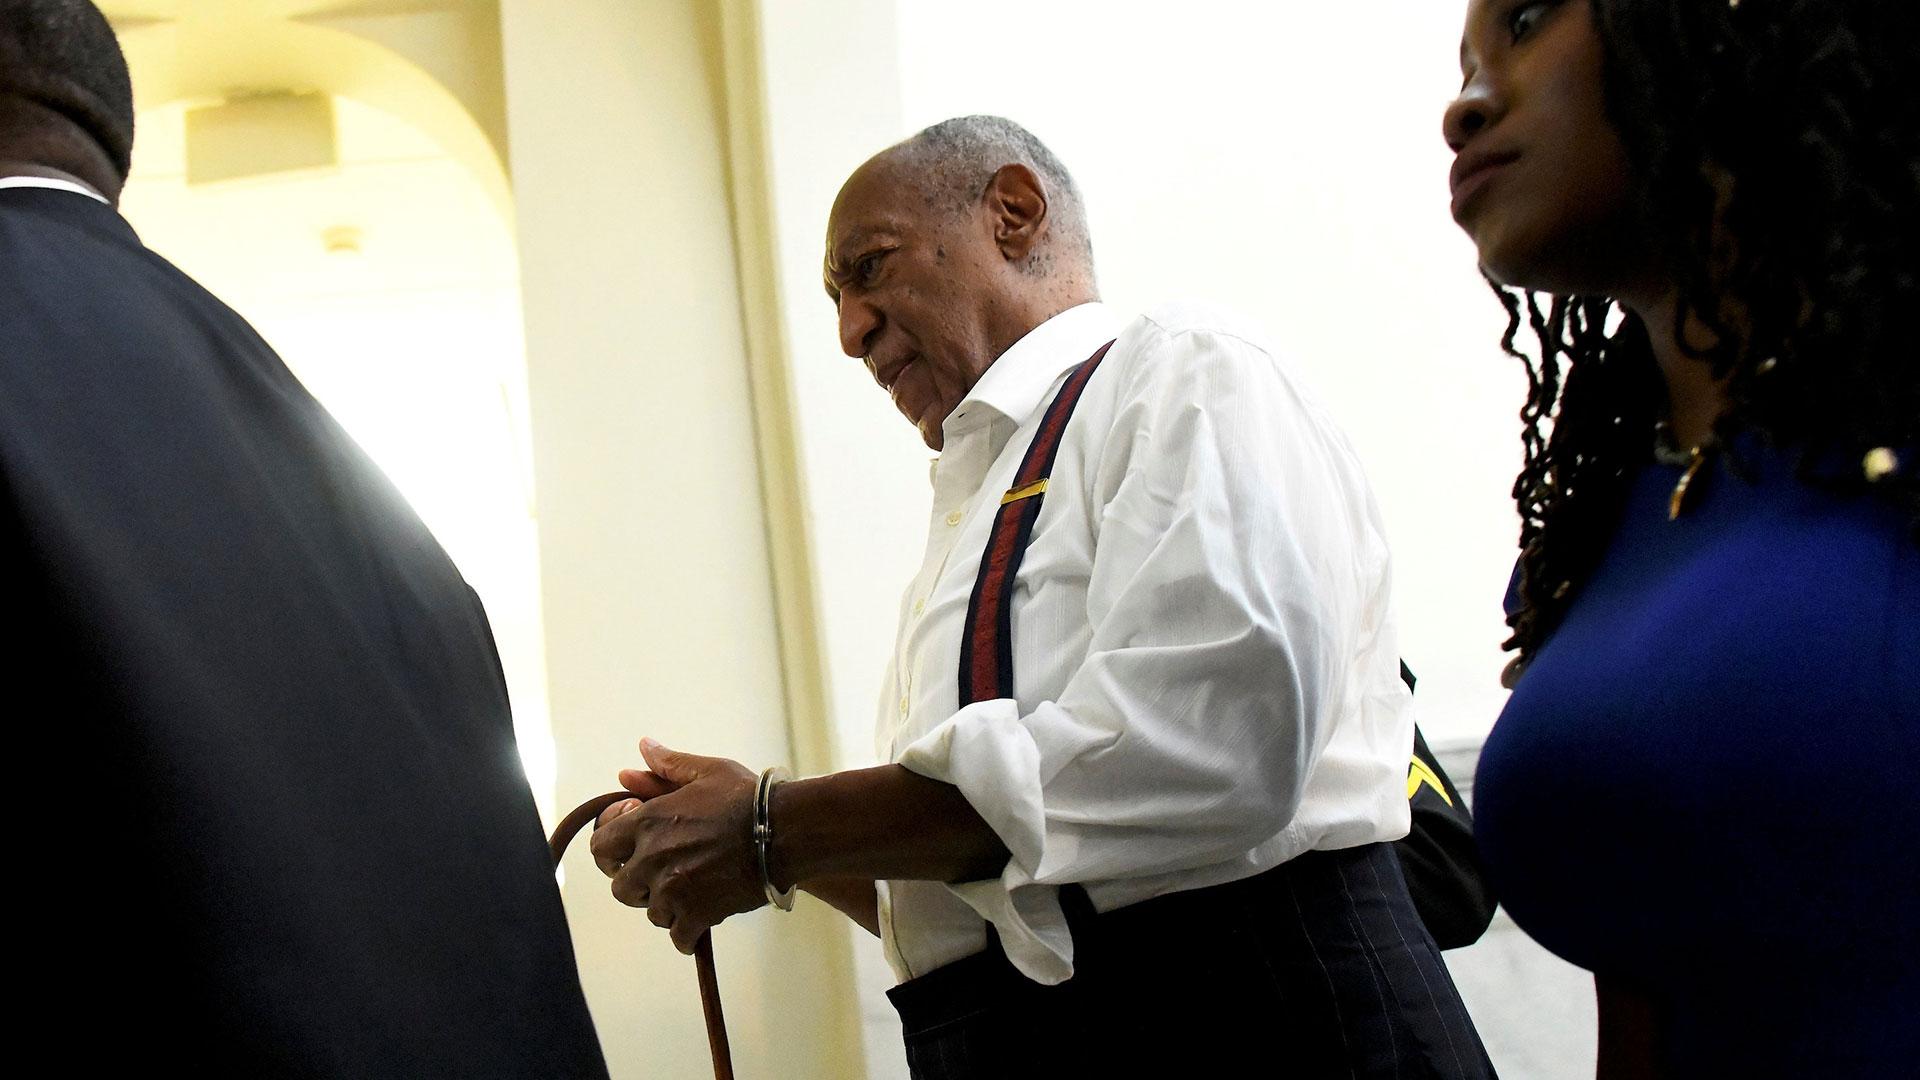 Bill Cosby abandona la sala de audiencias de la Corte de Norristown, Pensilvania, luego de ser condenado a entre 3 y 10 años de prisión por abuso sexual el 25 de septiembre